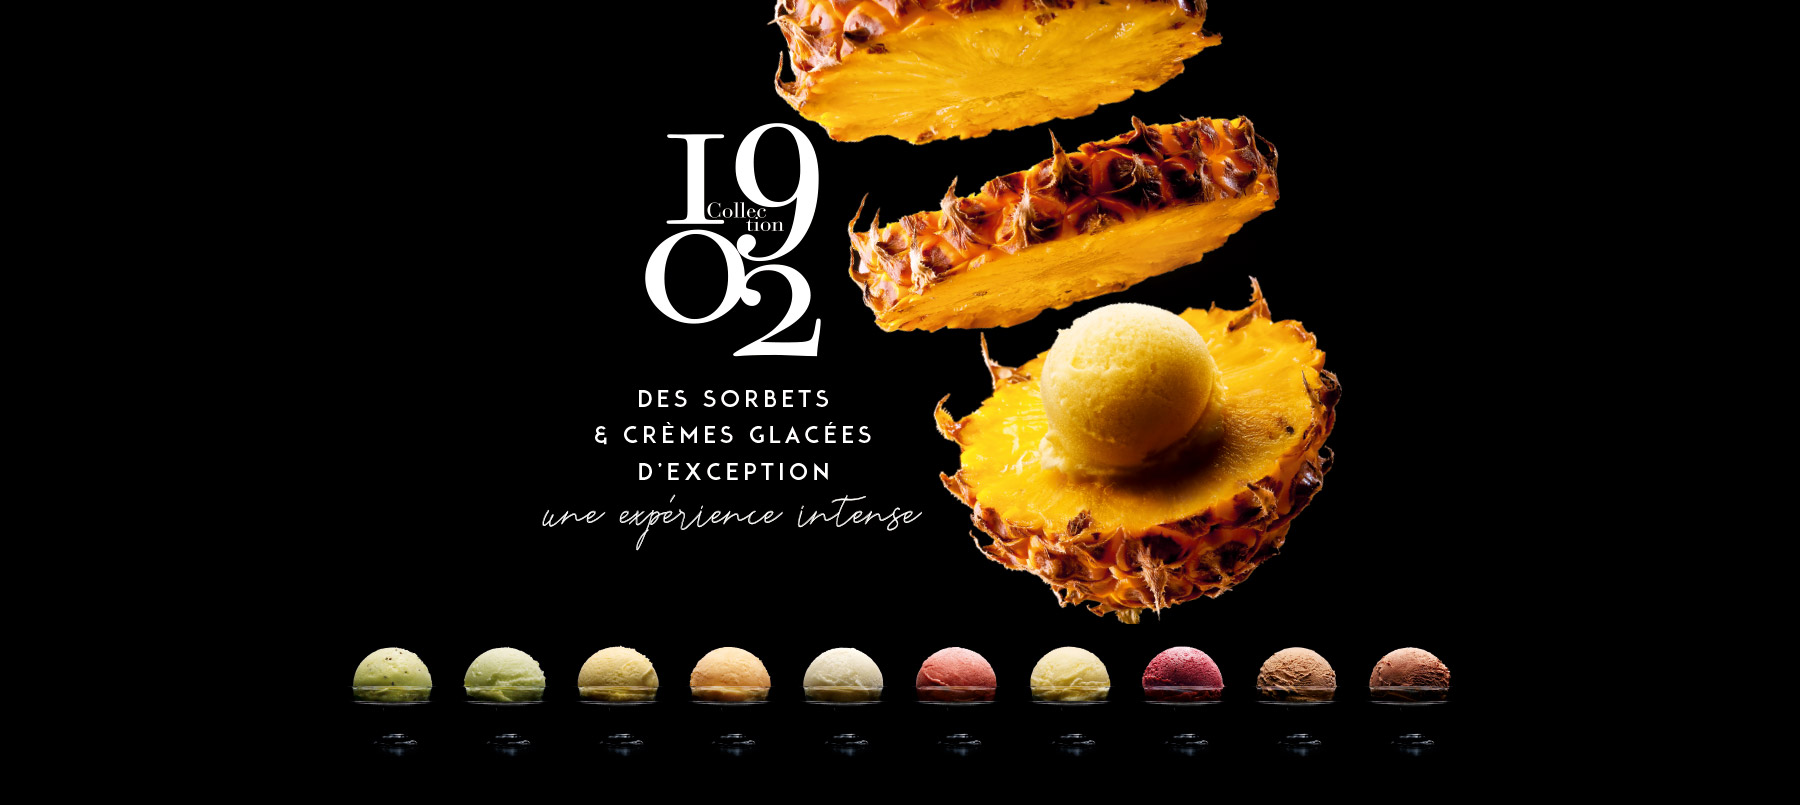 Collection 1902, une collection de sorbets et crèmes glacées Thiriet d'exception